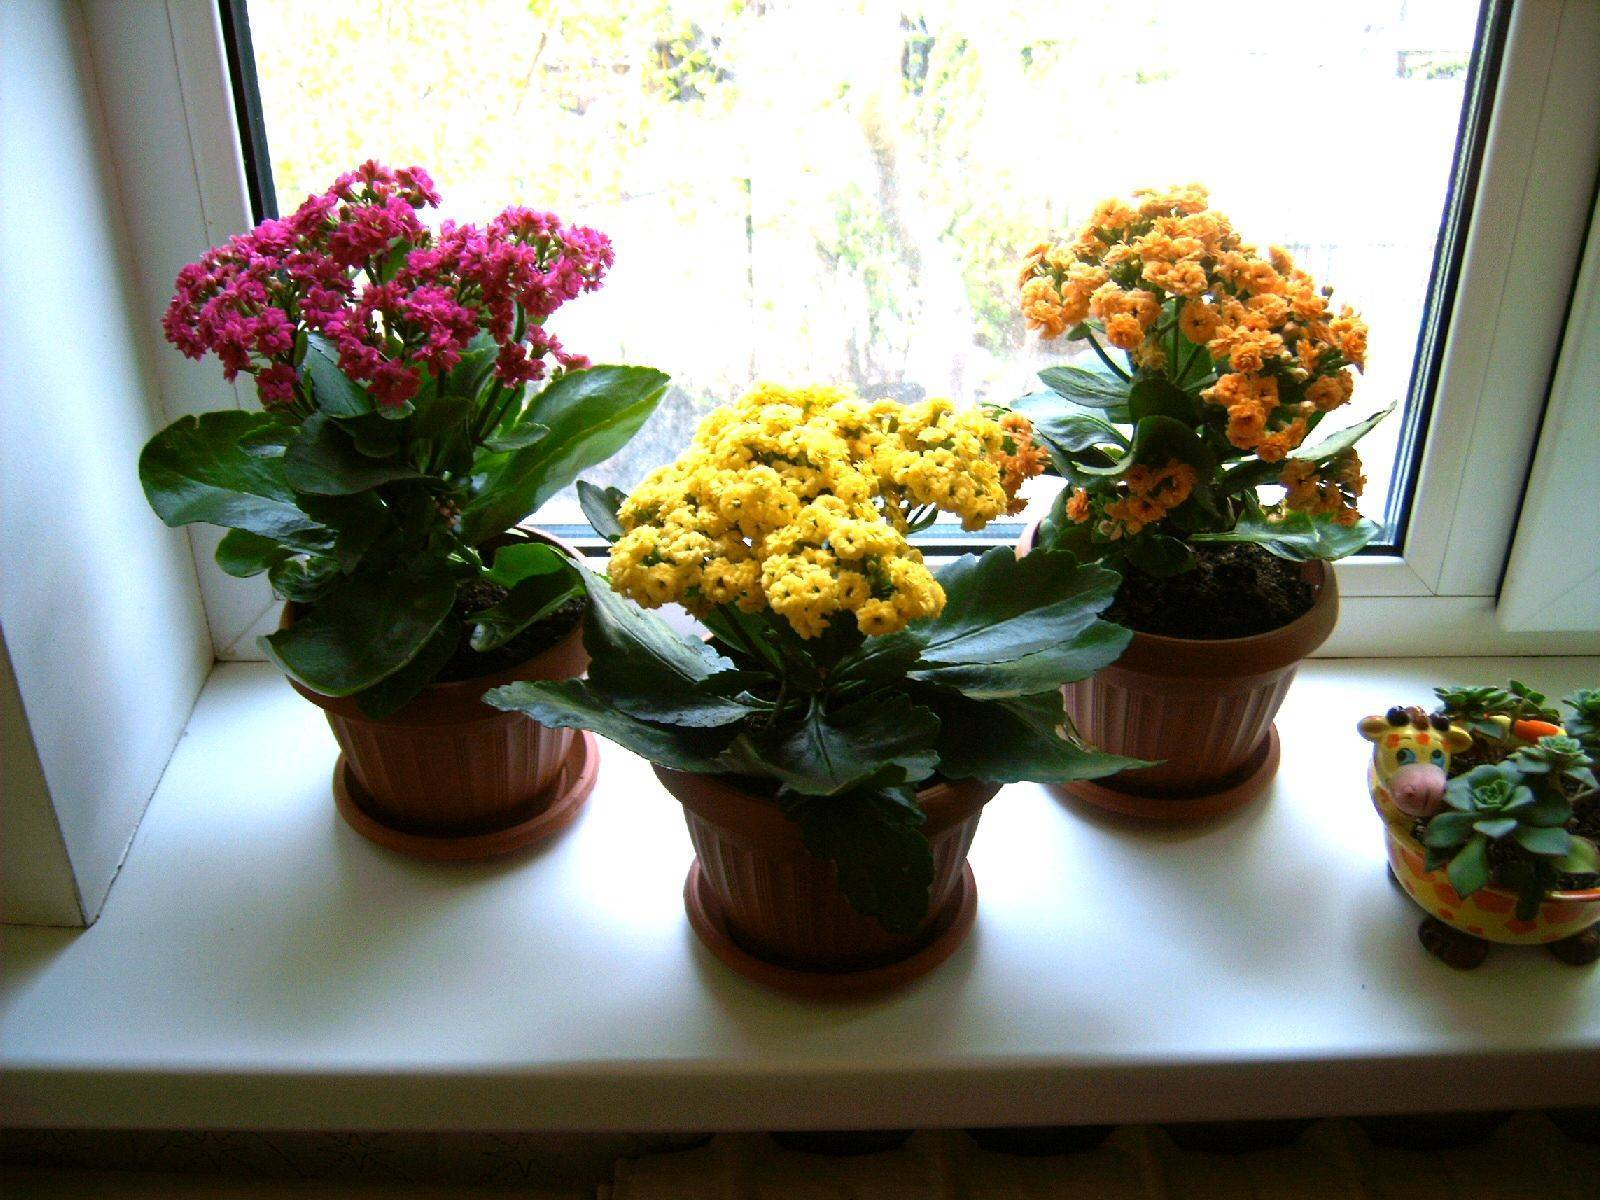 Каланхоэ цветущее: почему не цветет в домашних условиях? как заставить растение цвести? selo.guru — интернет портал о сельском хозяйстве